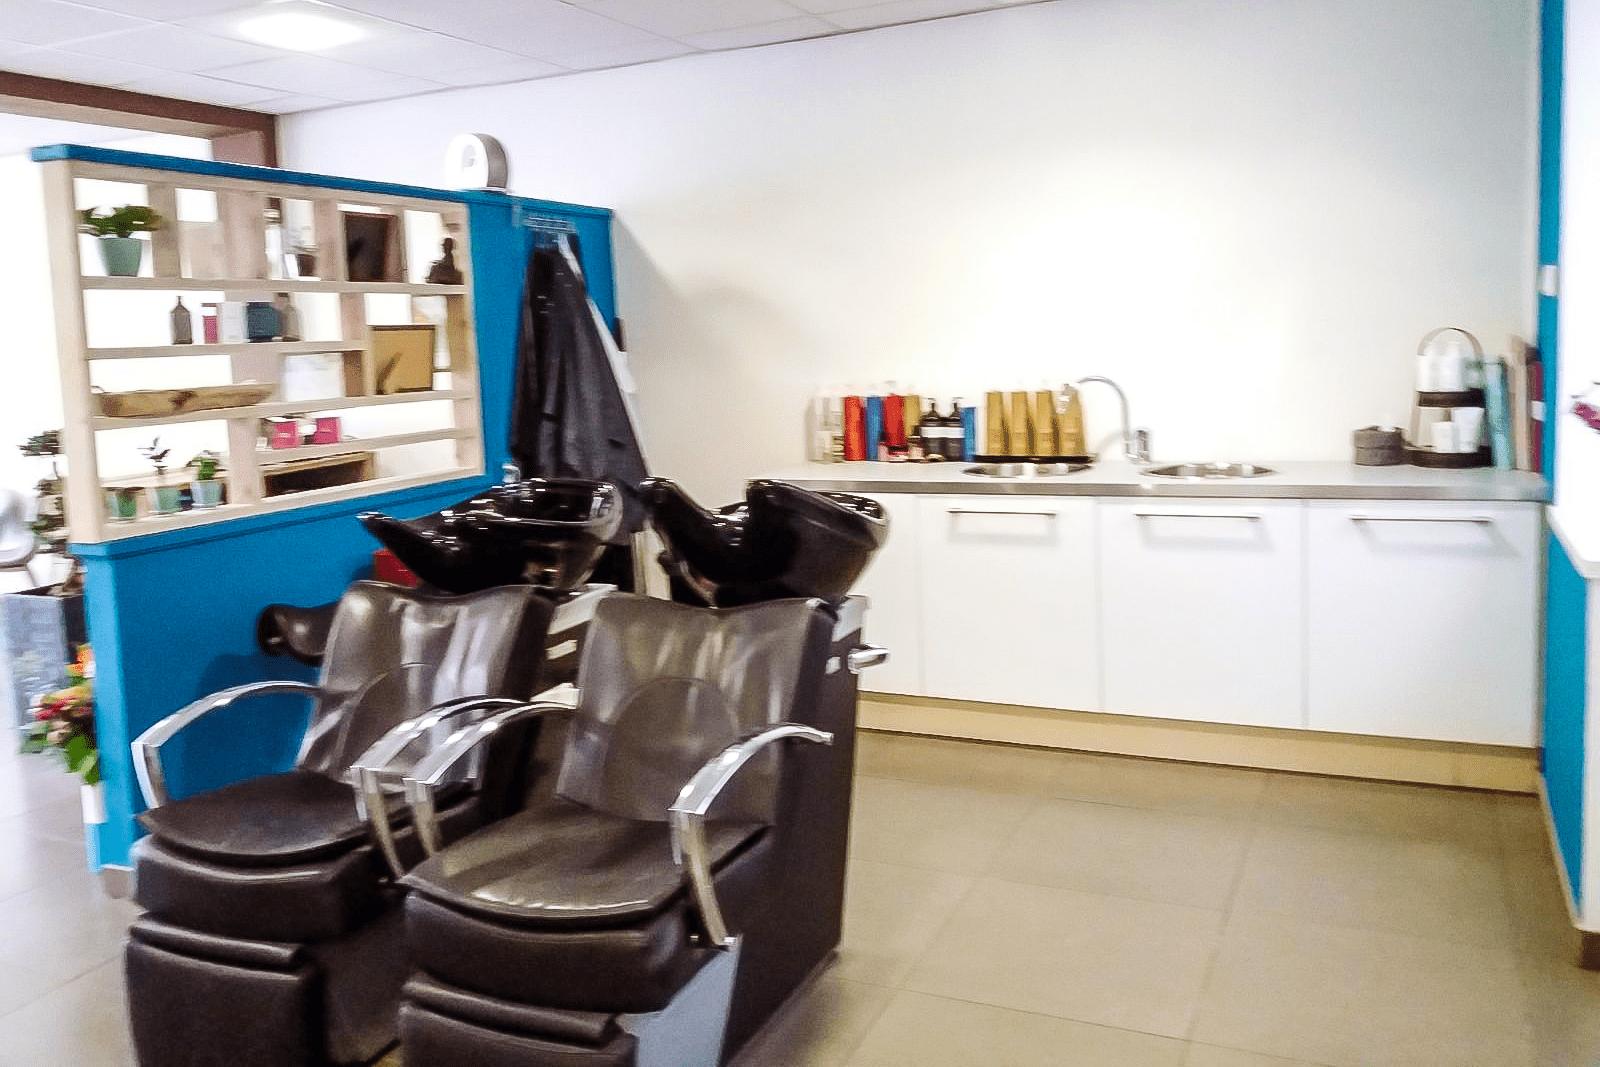 Overzicht van de salon bij Lieke Kapper, de gezelligste kapper van Tilburg